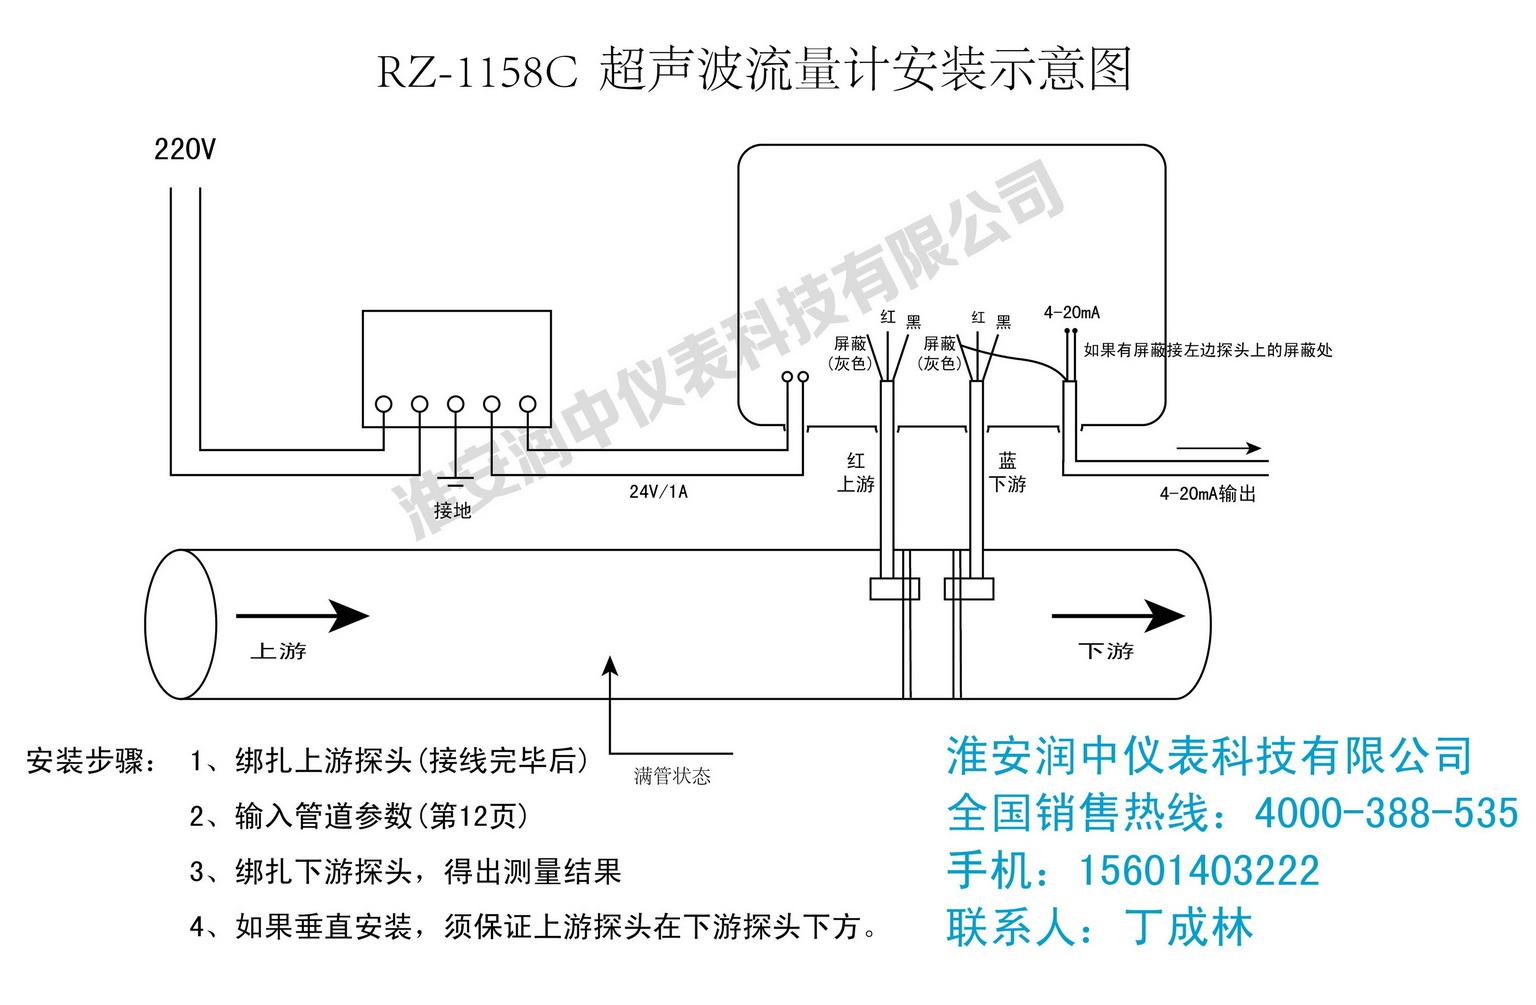 详解如何正确安装外夹式超声波流量计,附接线图